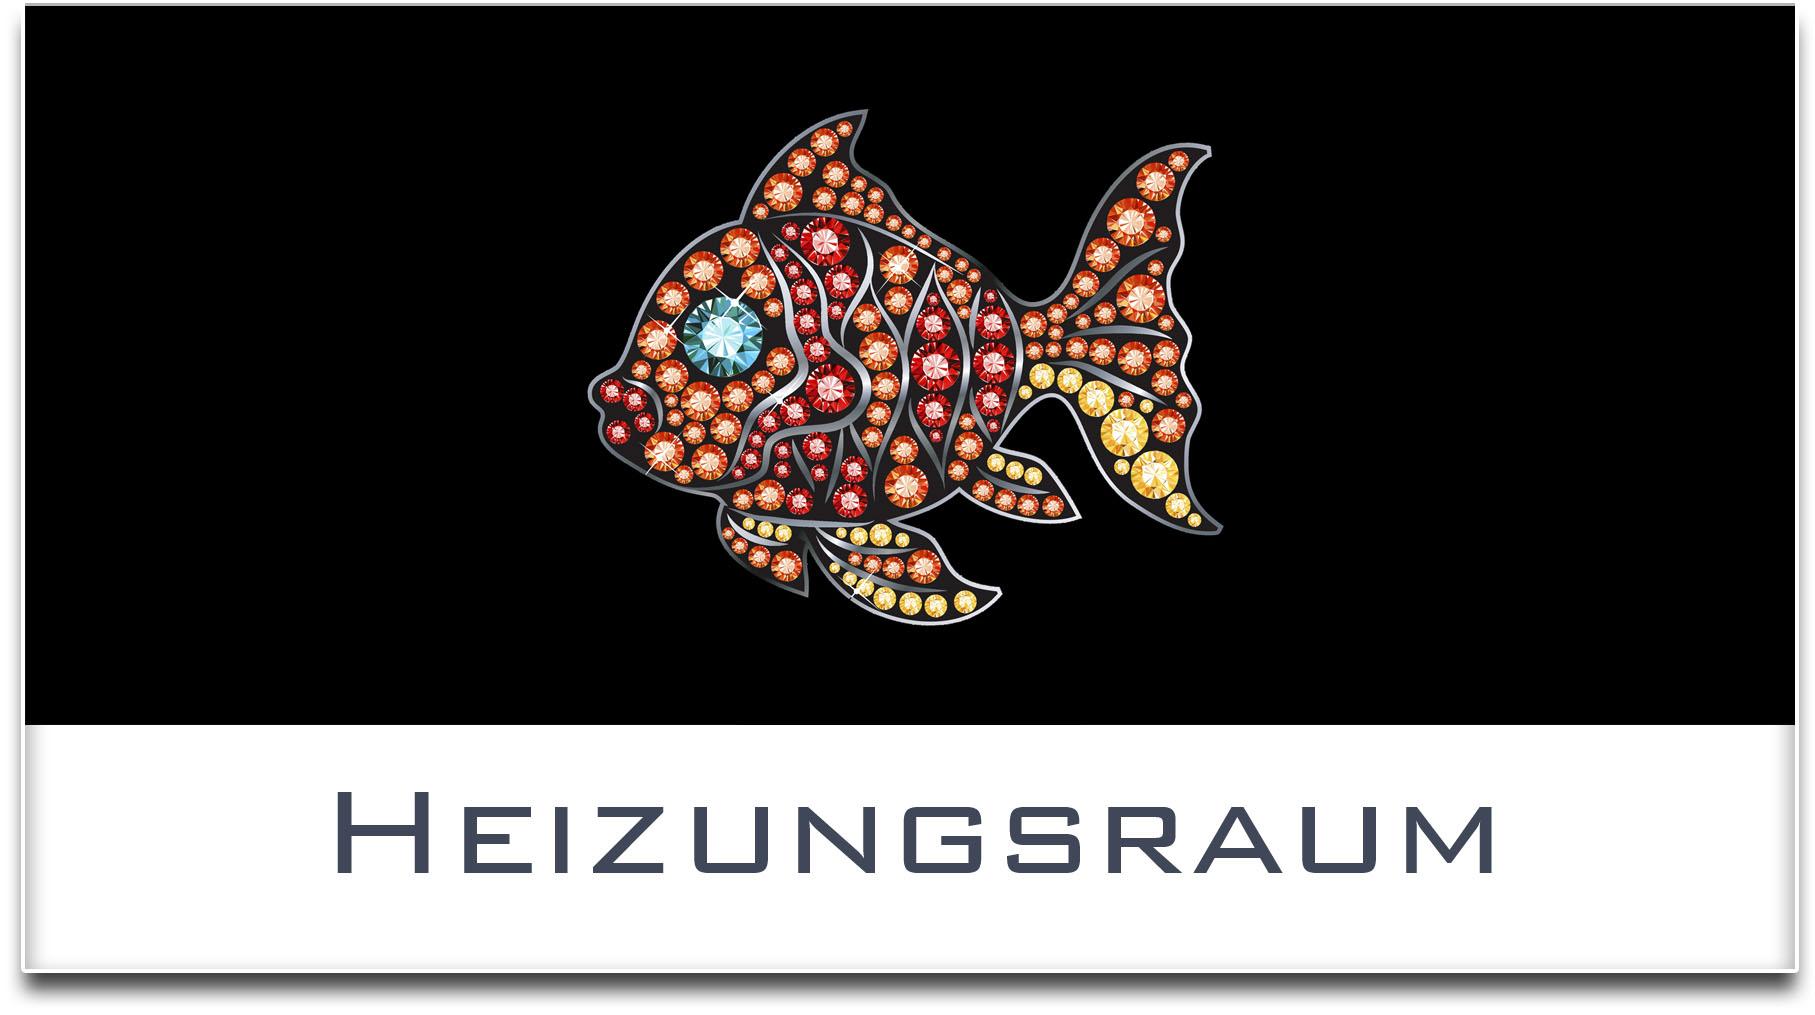 Türschild / Haustürschild / Fisch / Heizungsraum / Selbstklebend